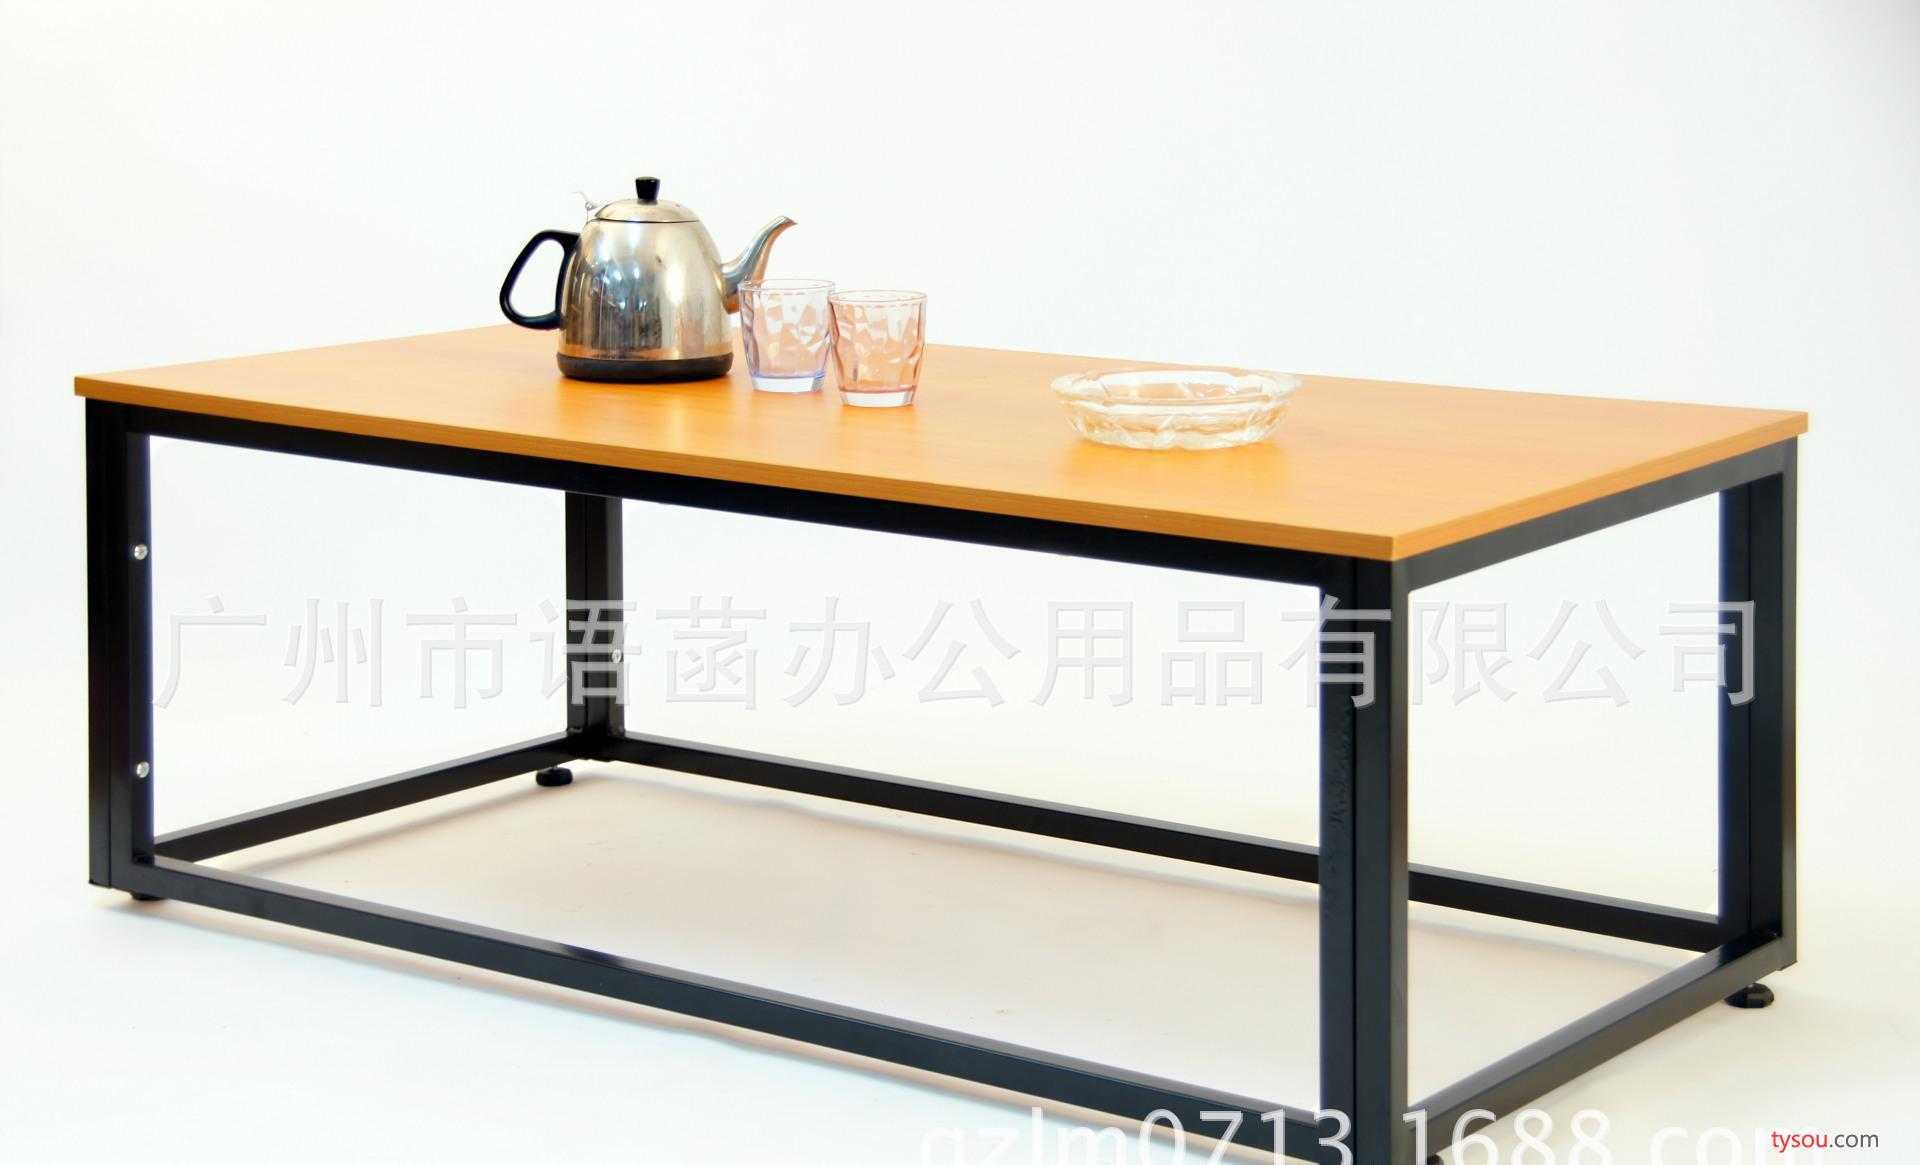 现代中式简易稳固结实大茶几 咖啡厅铁艺茶几 创意长方形木茶几